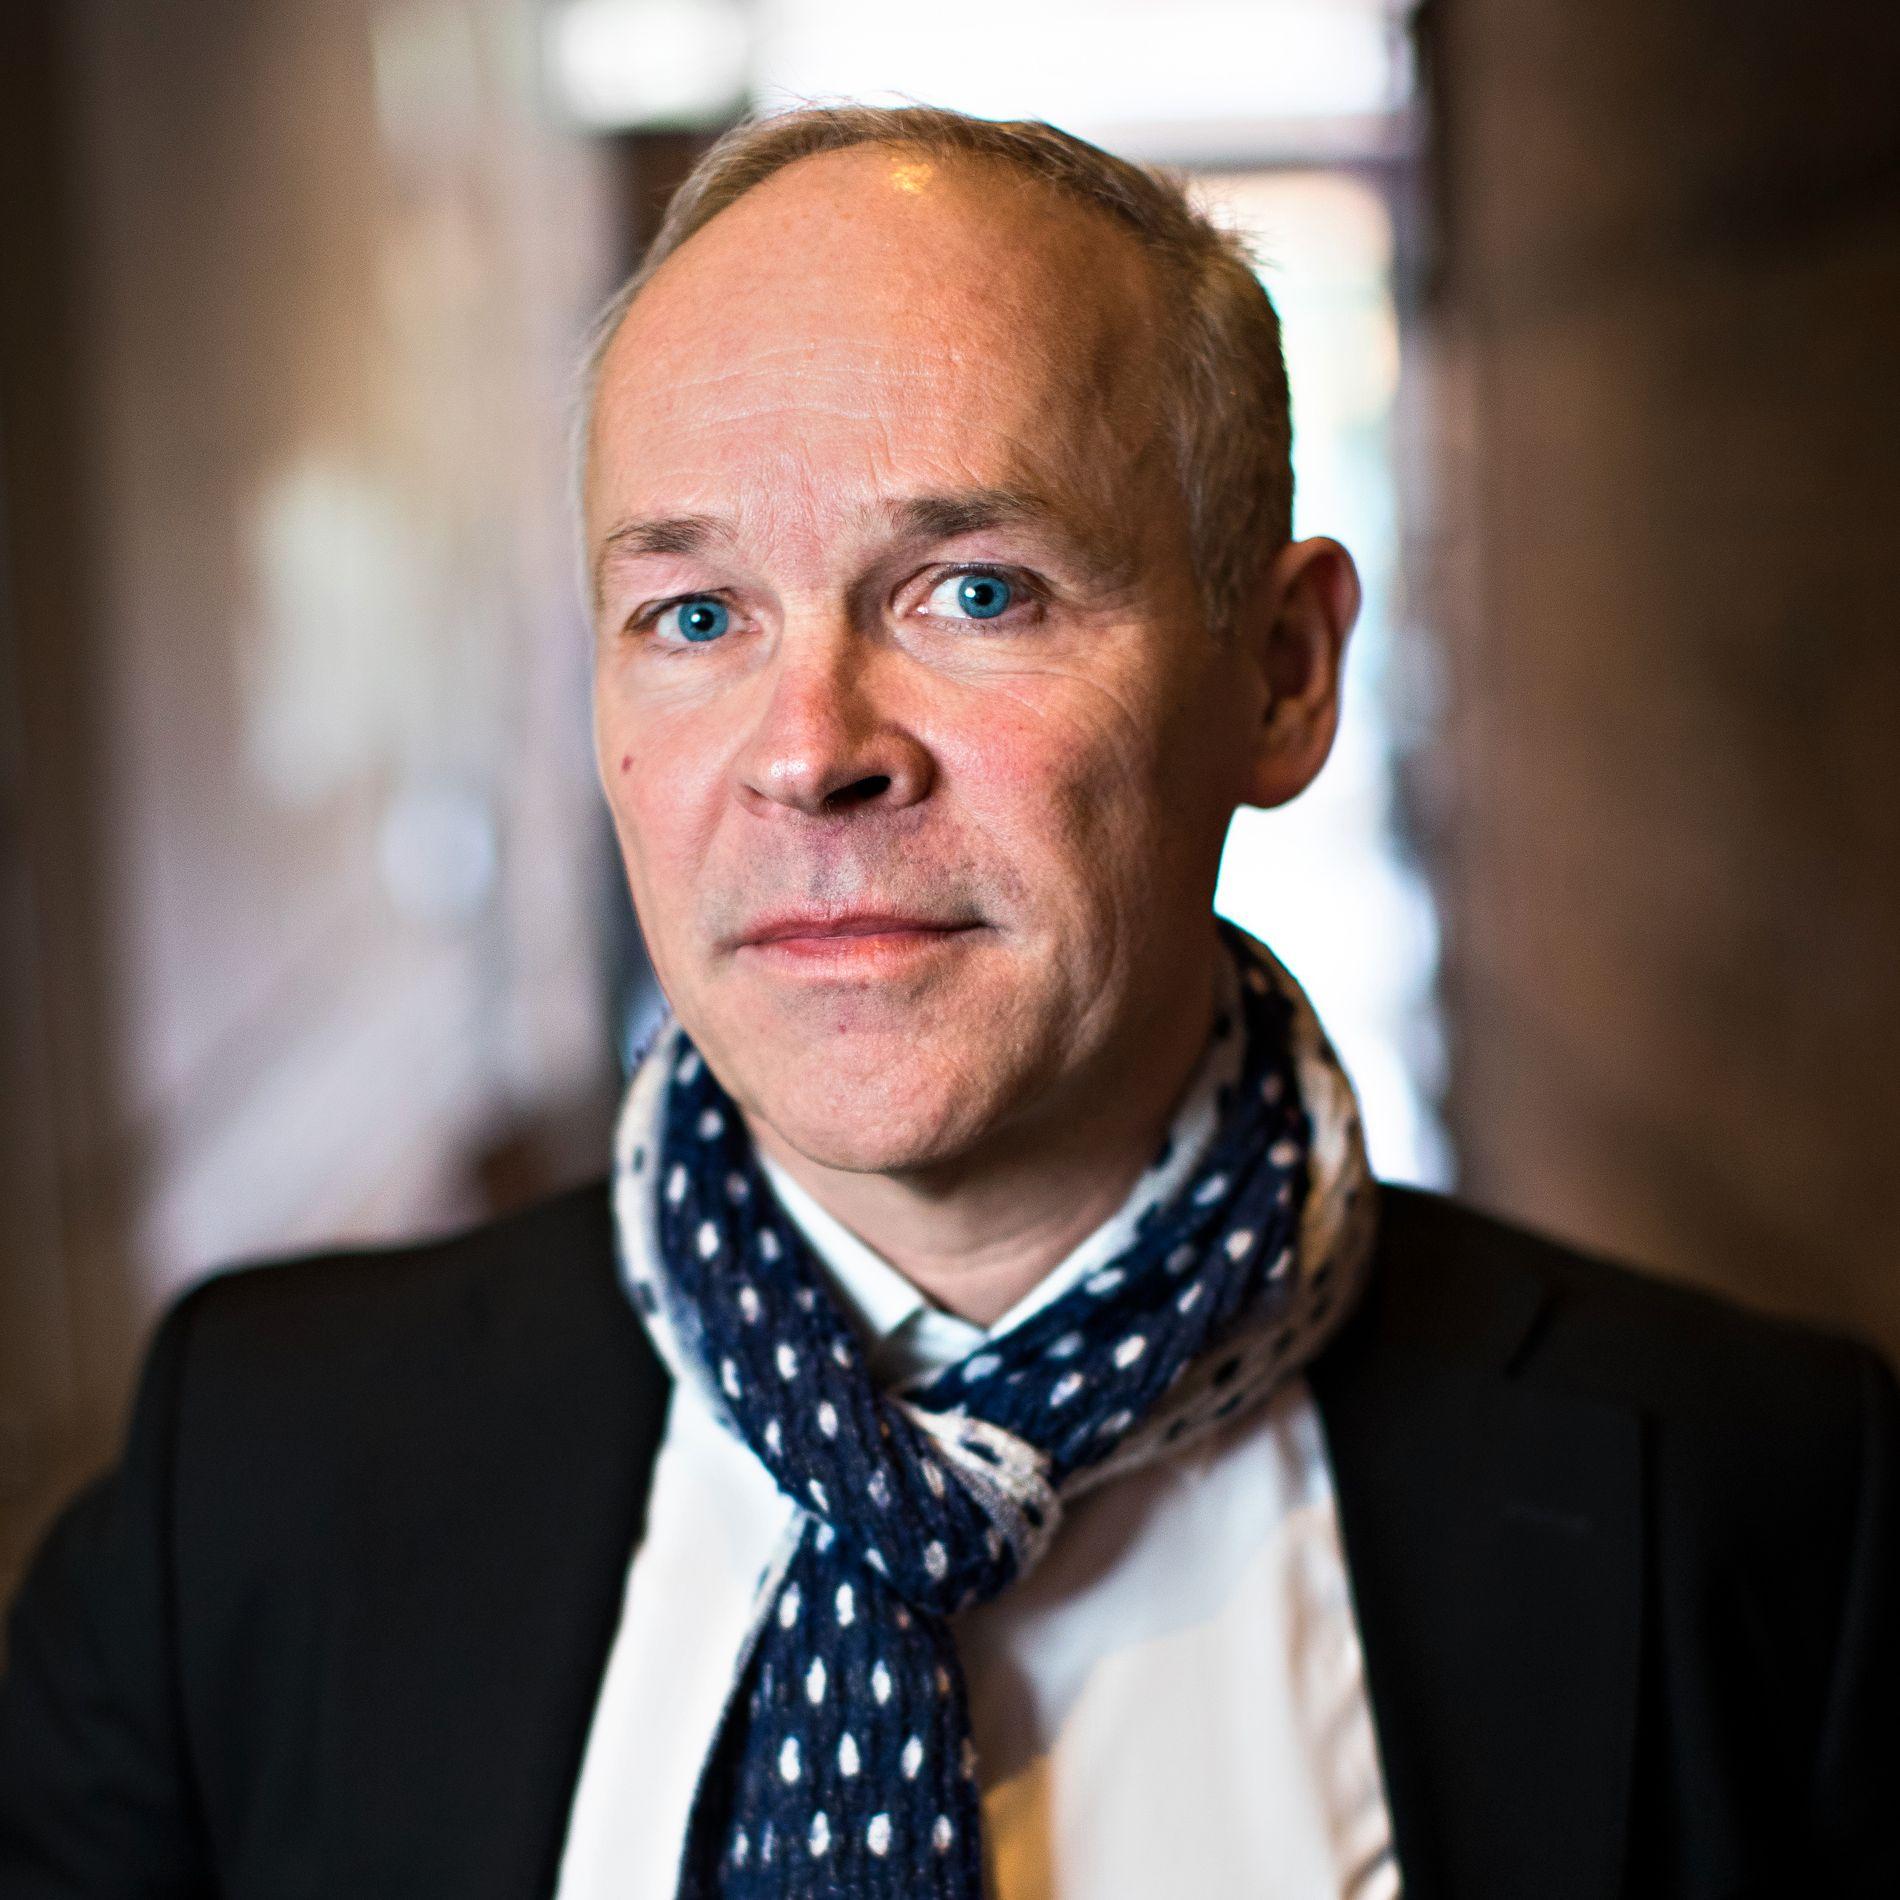 KUNNSKAPSMINISTER: – Dette ser meget spennende ut, sier Jan Tore Sanner (H) om forslagene.